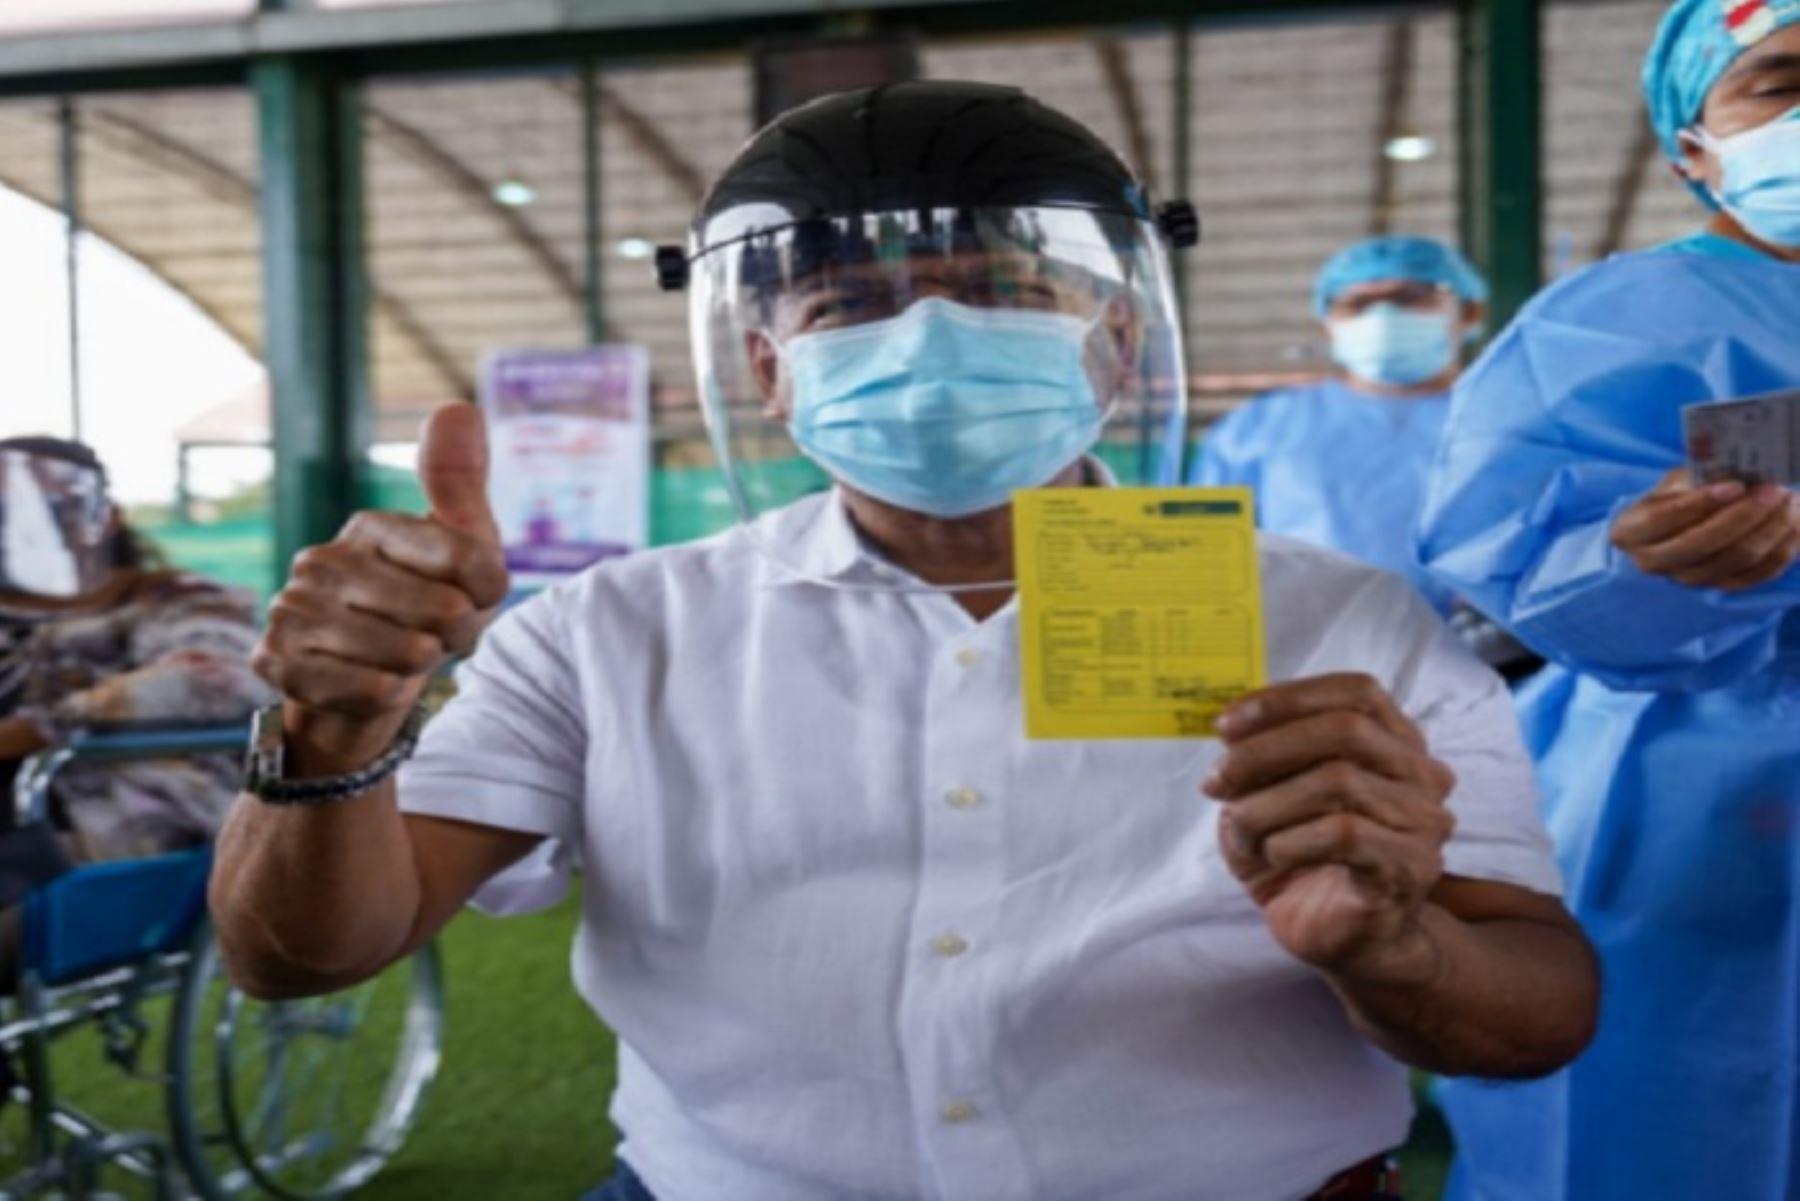 La próxima semana iniciaría la vacunación al grupo etario de 40 años a más, tras las coordinaciones con el ministro de Salud, Óscar Ugarte.